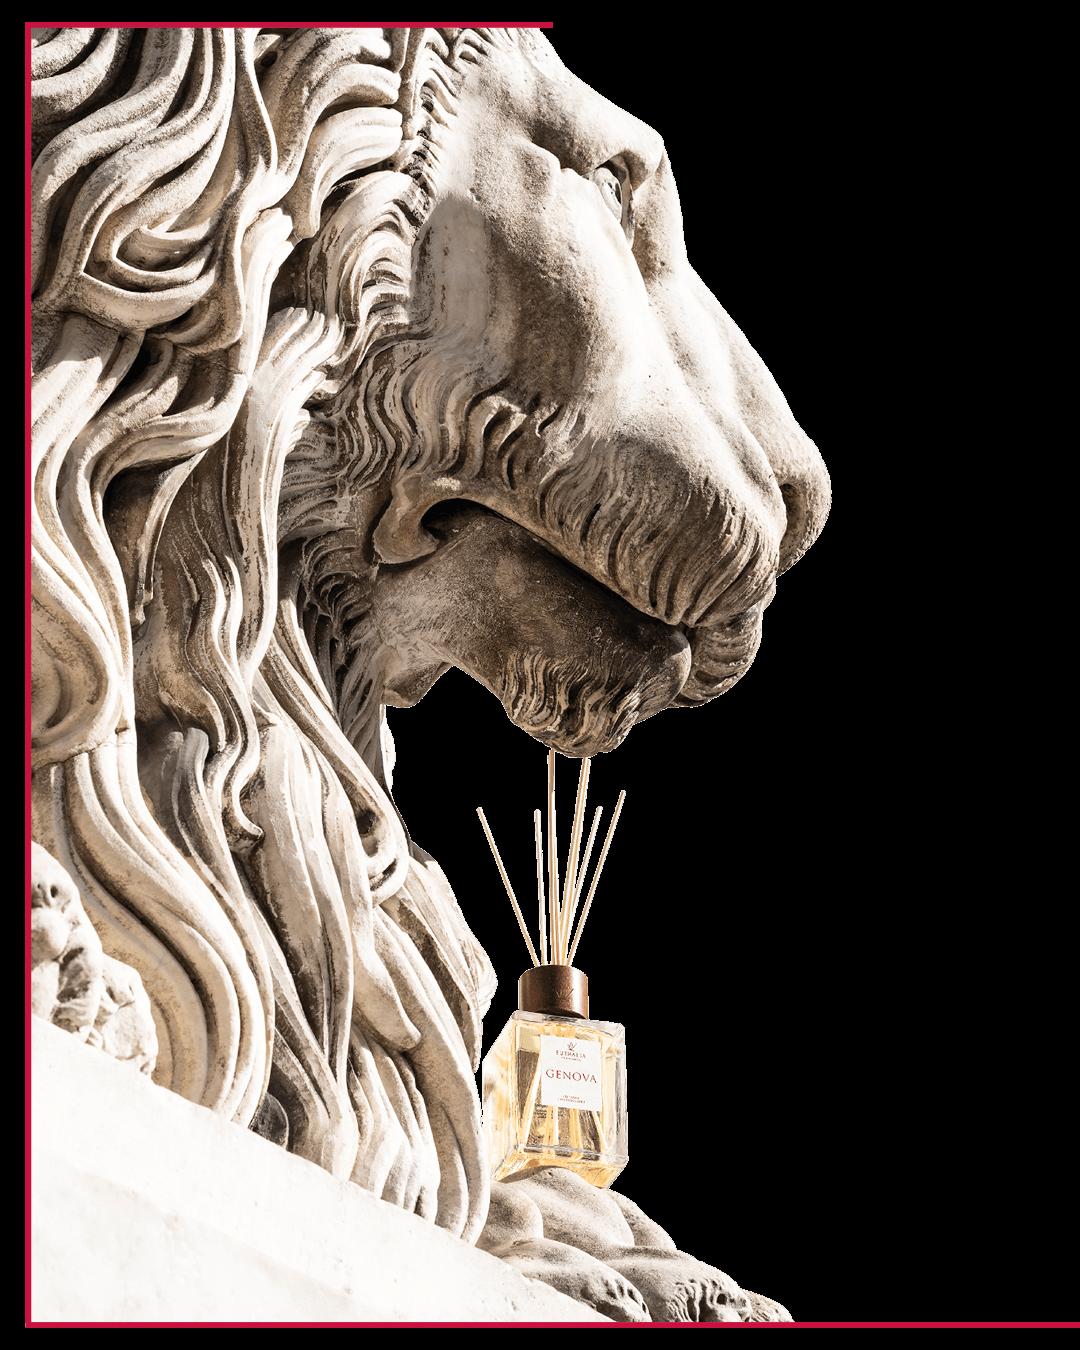 Genova Profumata L'idea assolutamente inedita di arredare vie e vicoli del più grande centro storico d'Europa con le note intriganti di un profumo esclusivo dedicato a Genova.  GENOVA è una fragranza che coglie l'essenza di una città dai profumi sospesi tra terra e mare, diventandone il marchio olfattivo unico e inconfondibile.  il leone